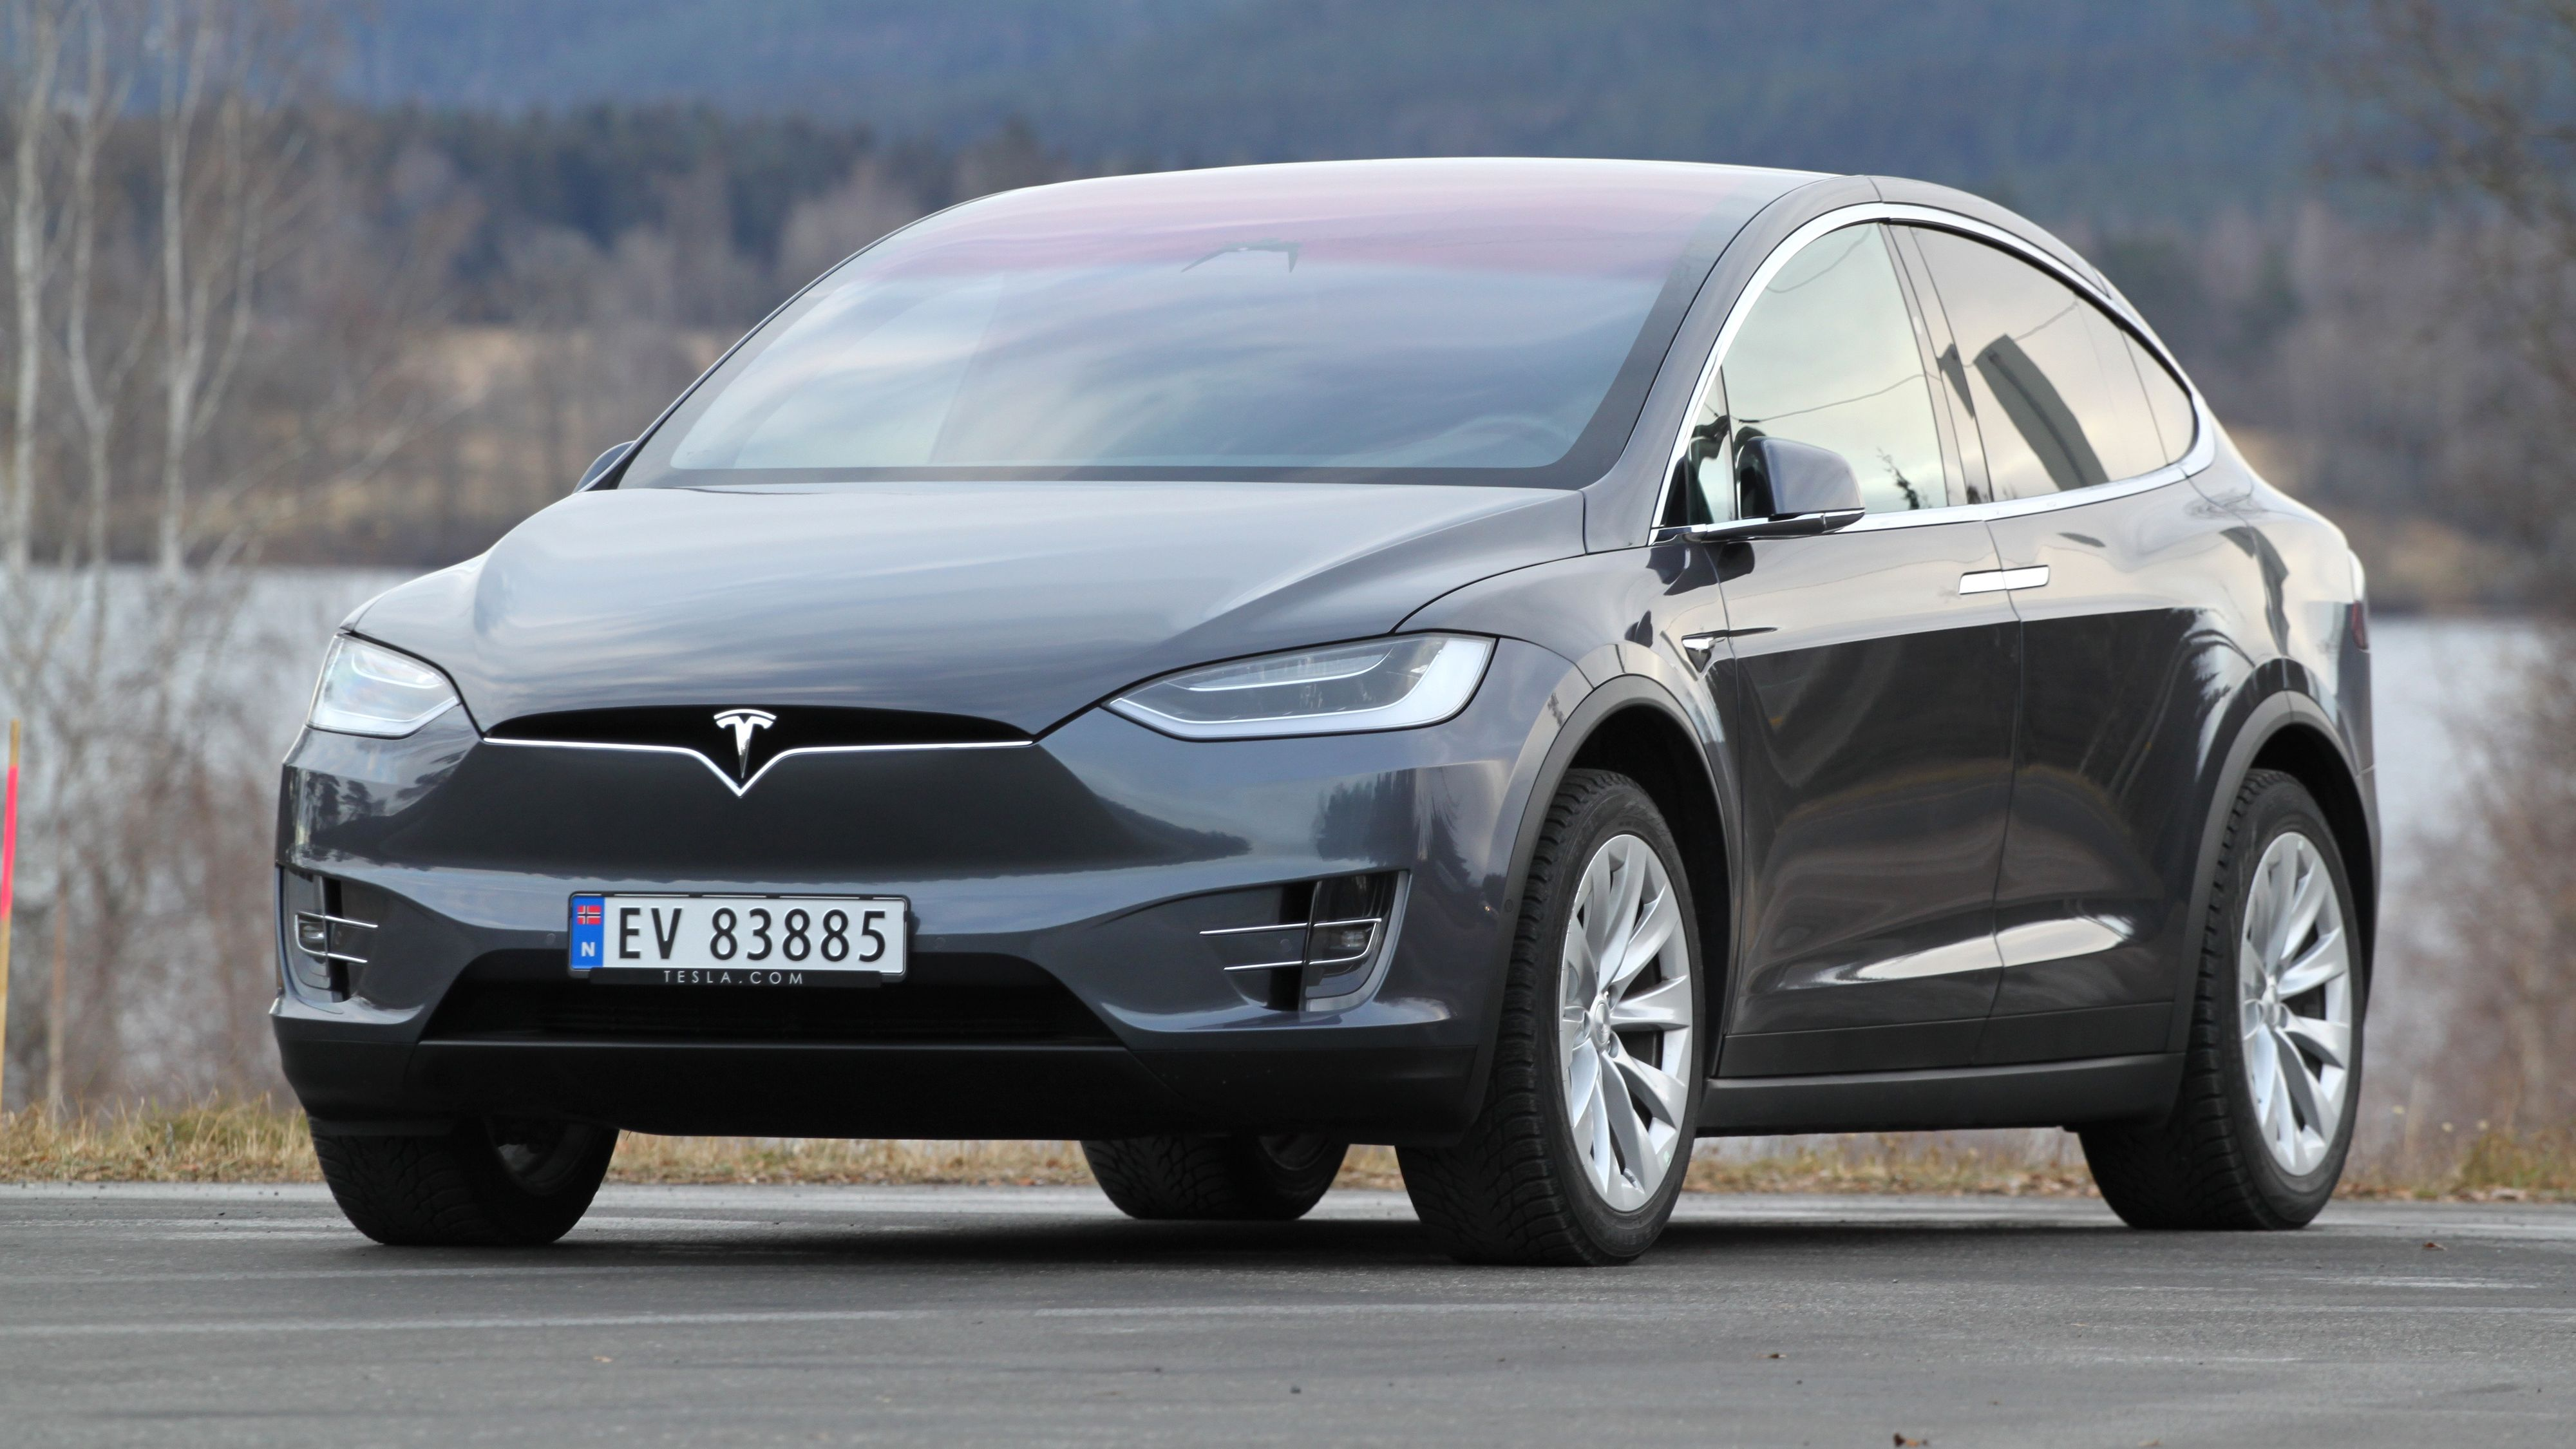 Nyere Tesla Model X-biler får støtte for raskere lading på Supercharger-nettverket.